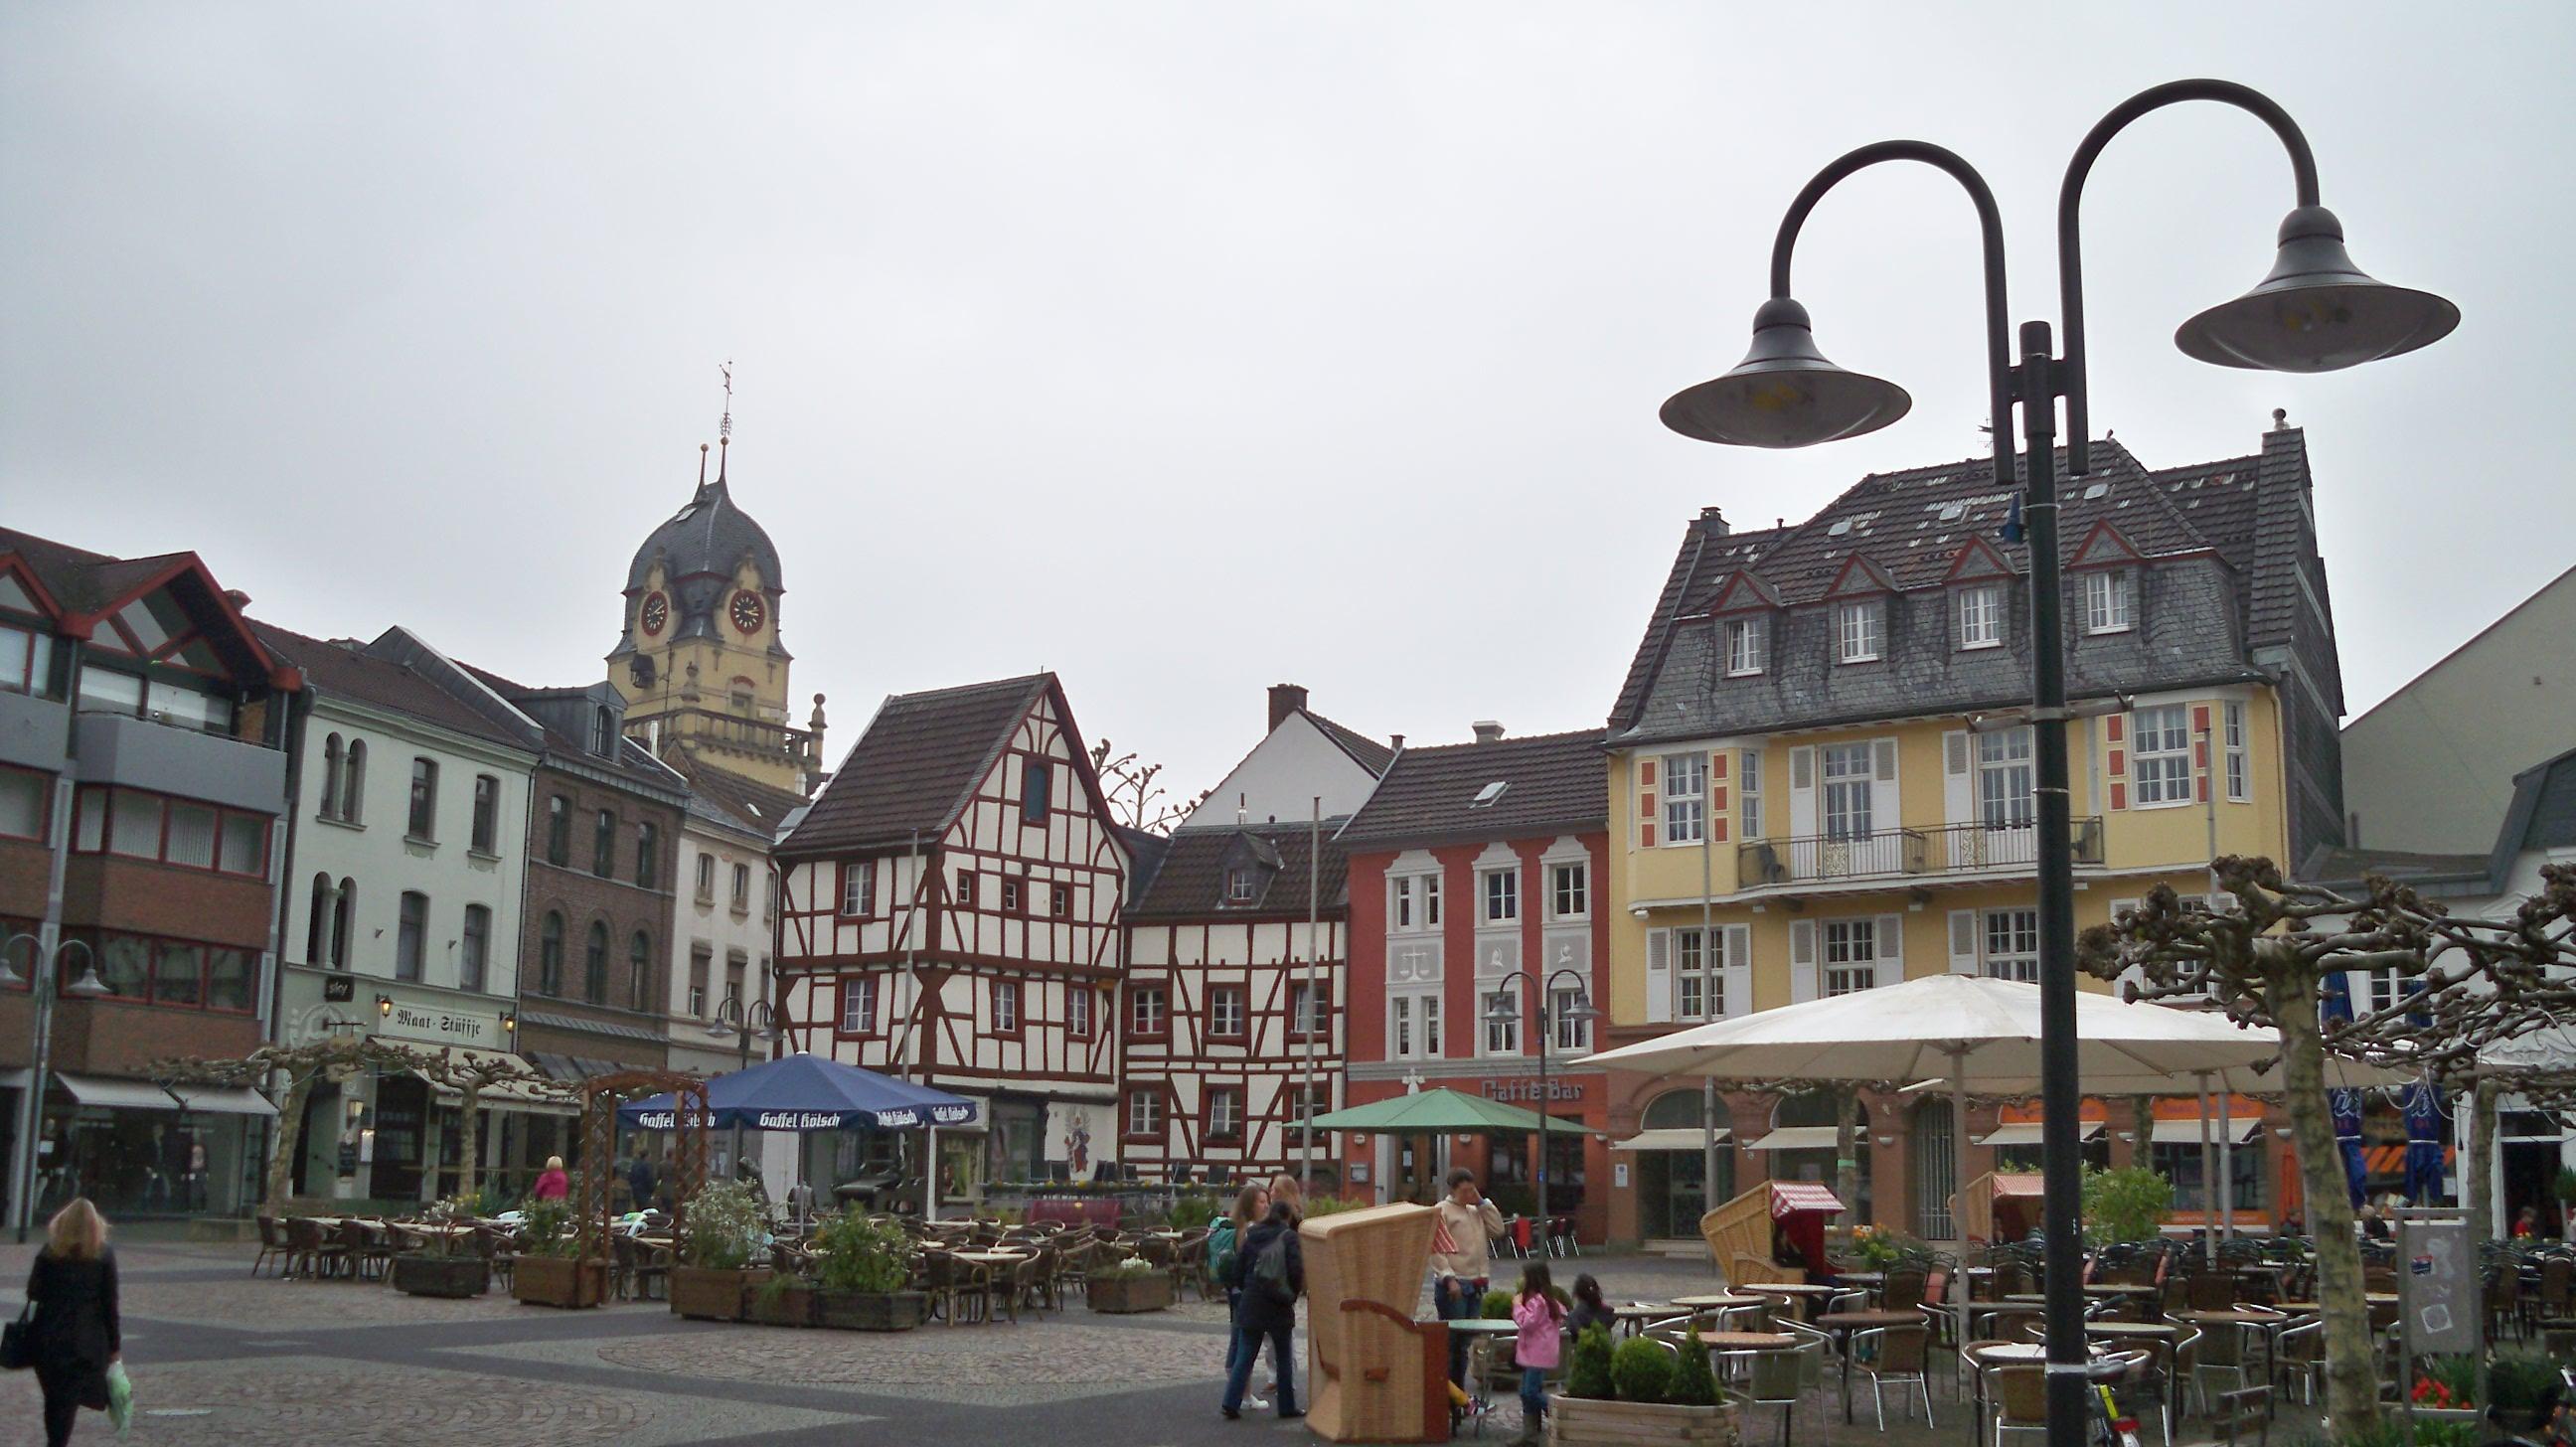 Marktplatz-in-Euskirchen-%C2%A9-Thilo-G%